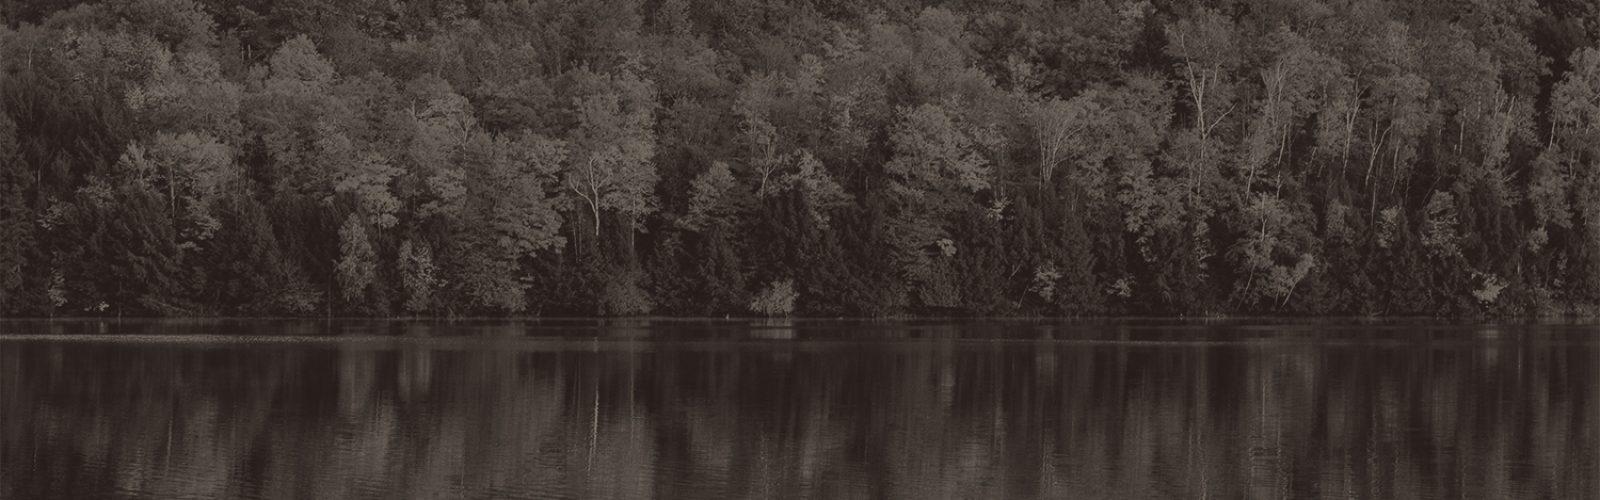 Foliage sepia